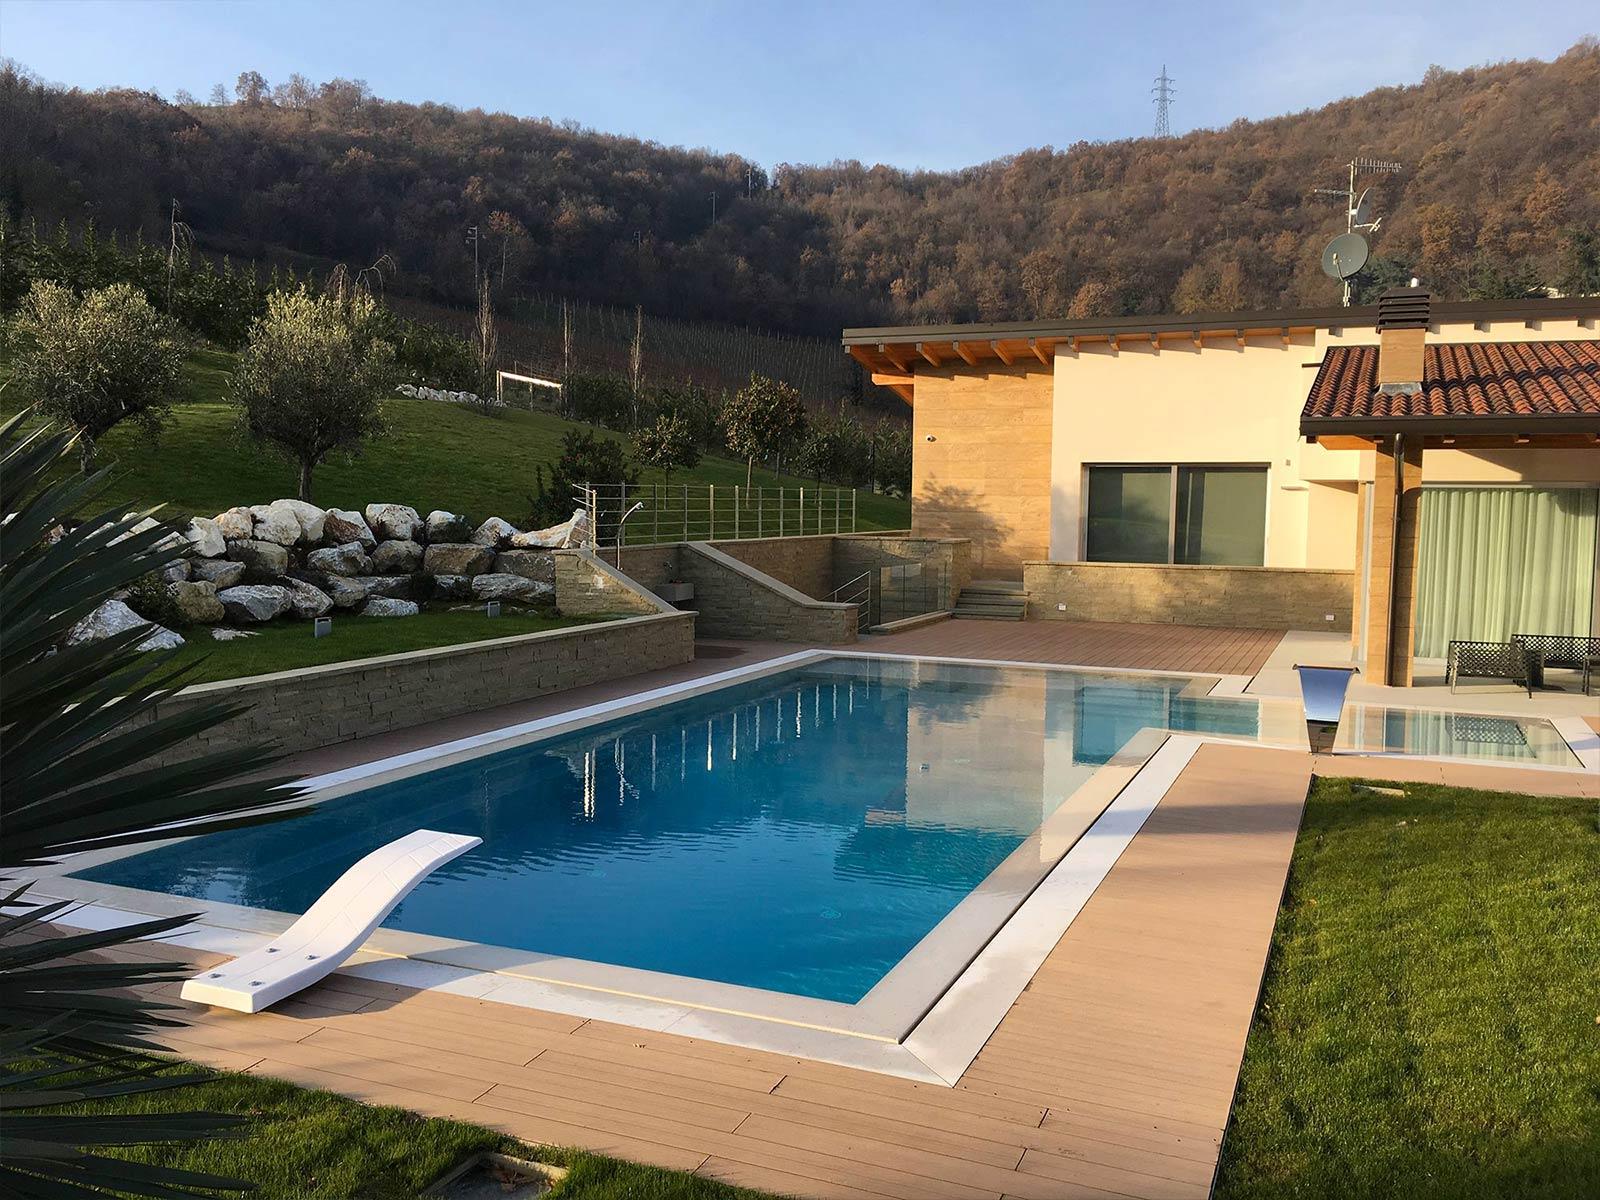 piscina a sfioro con trampolino